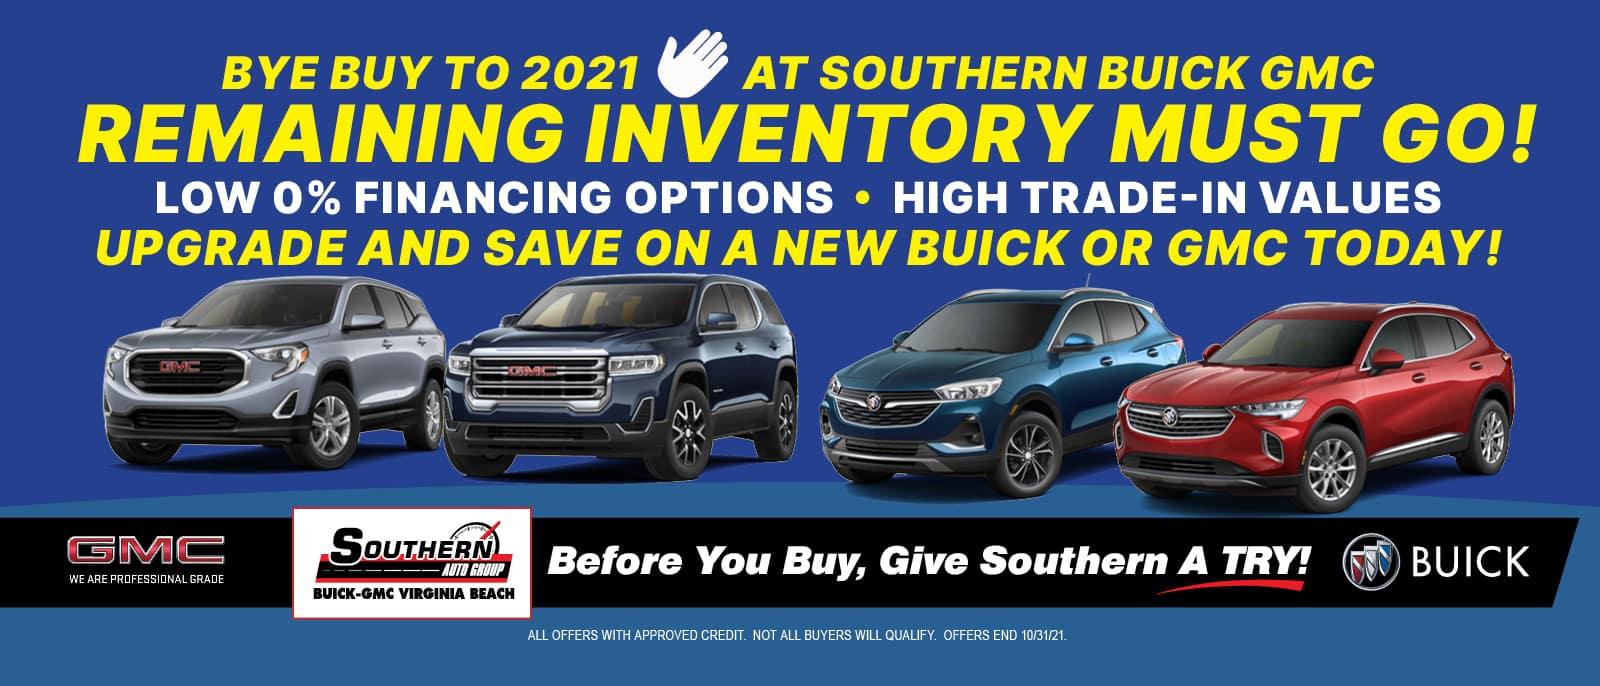 Va Beach Buick GMC Bye Buy 2021